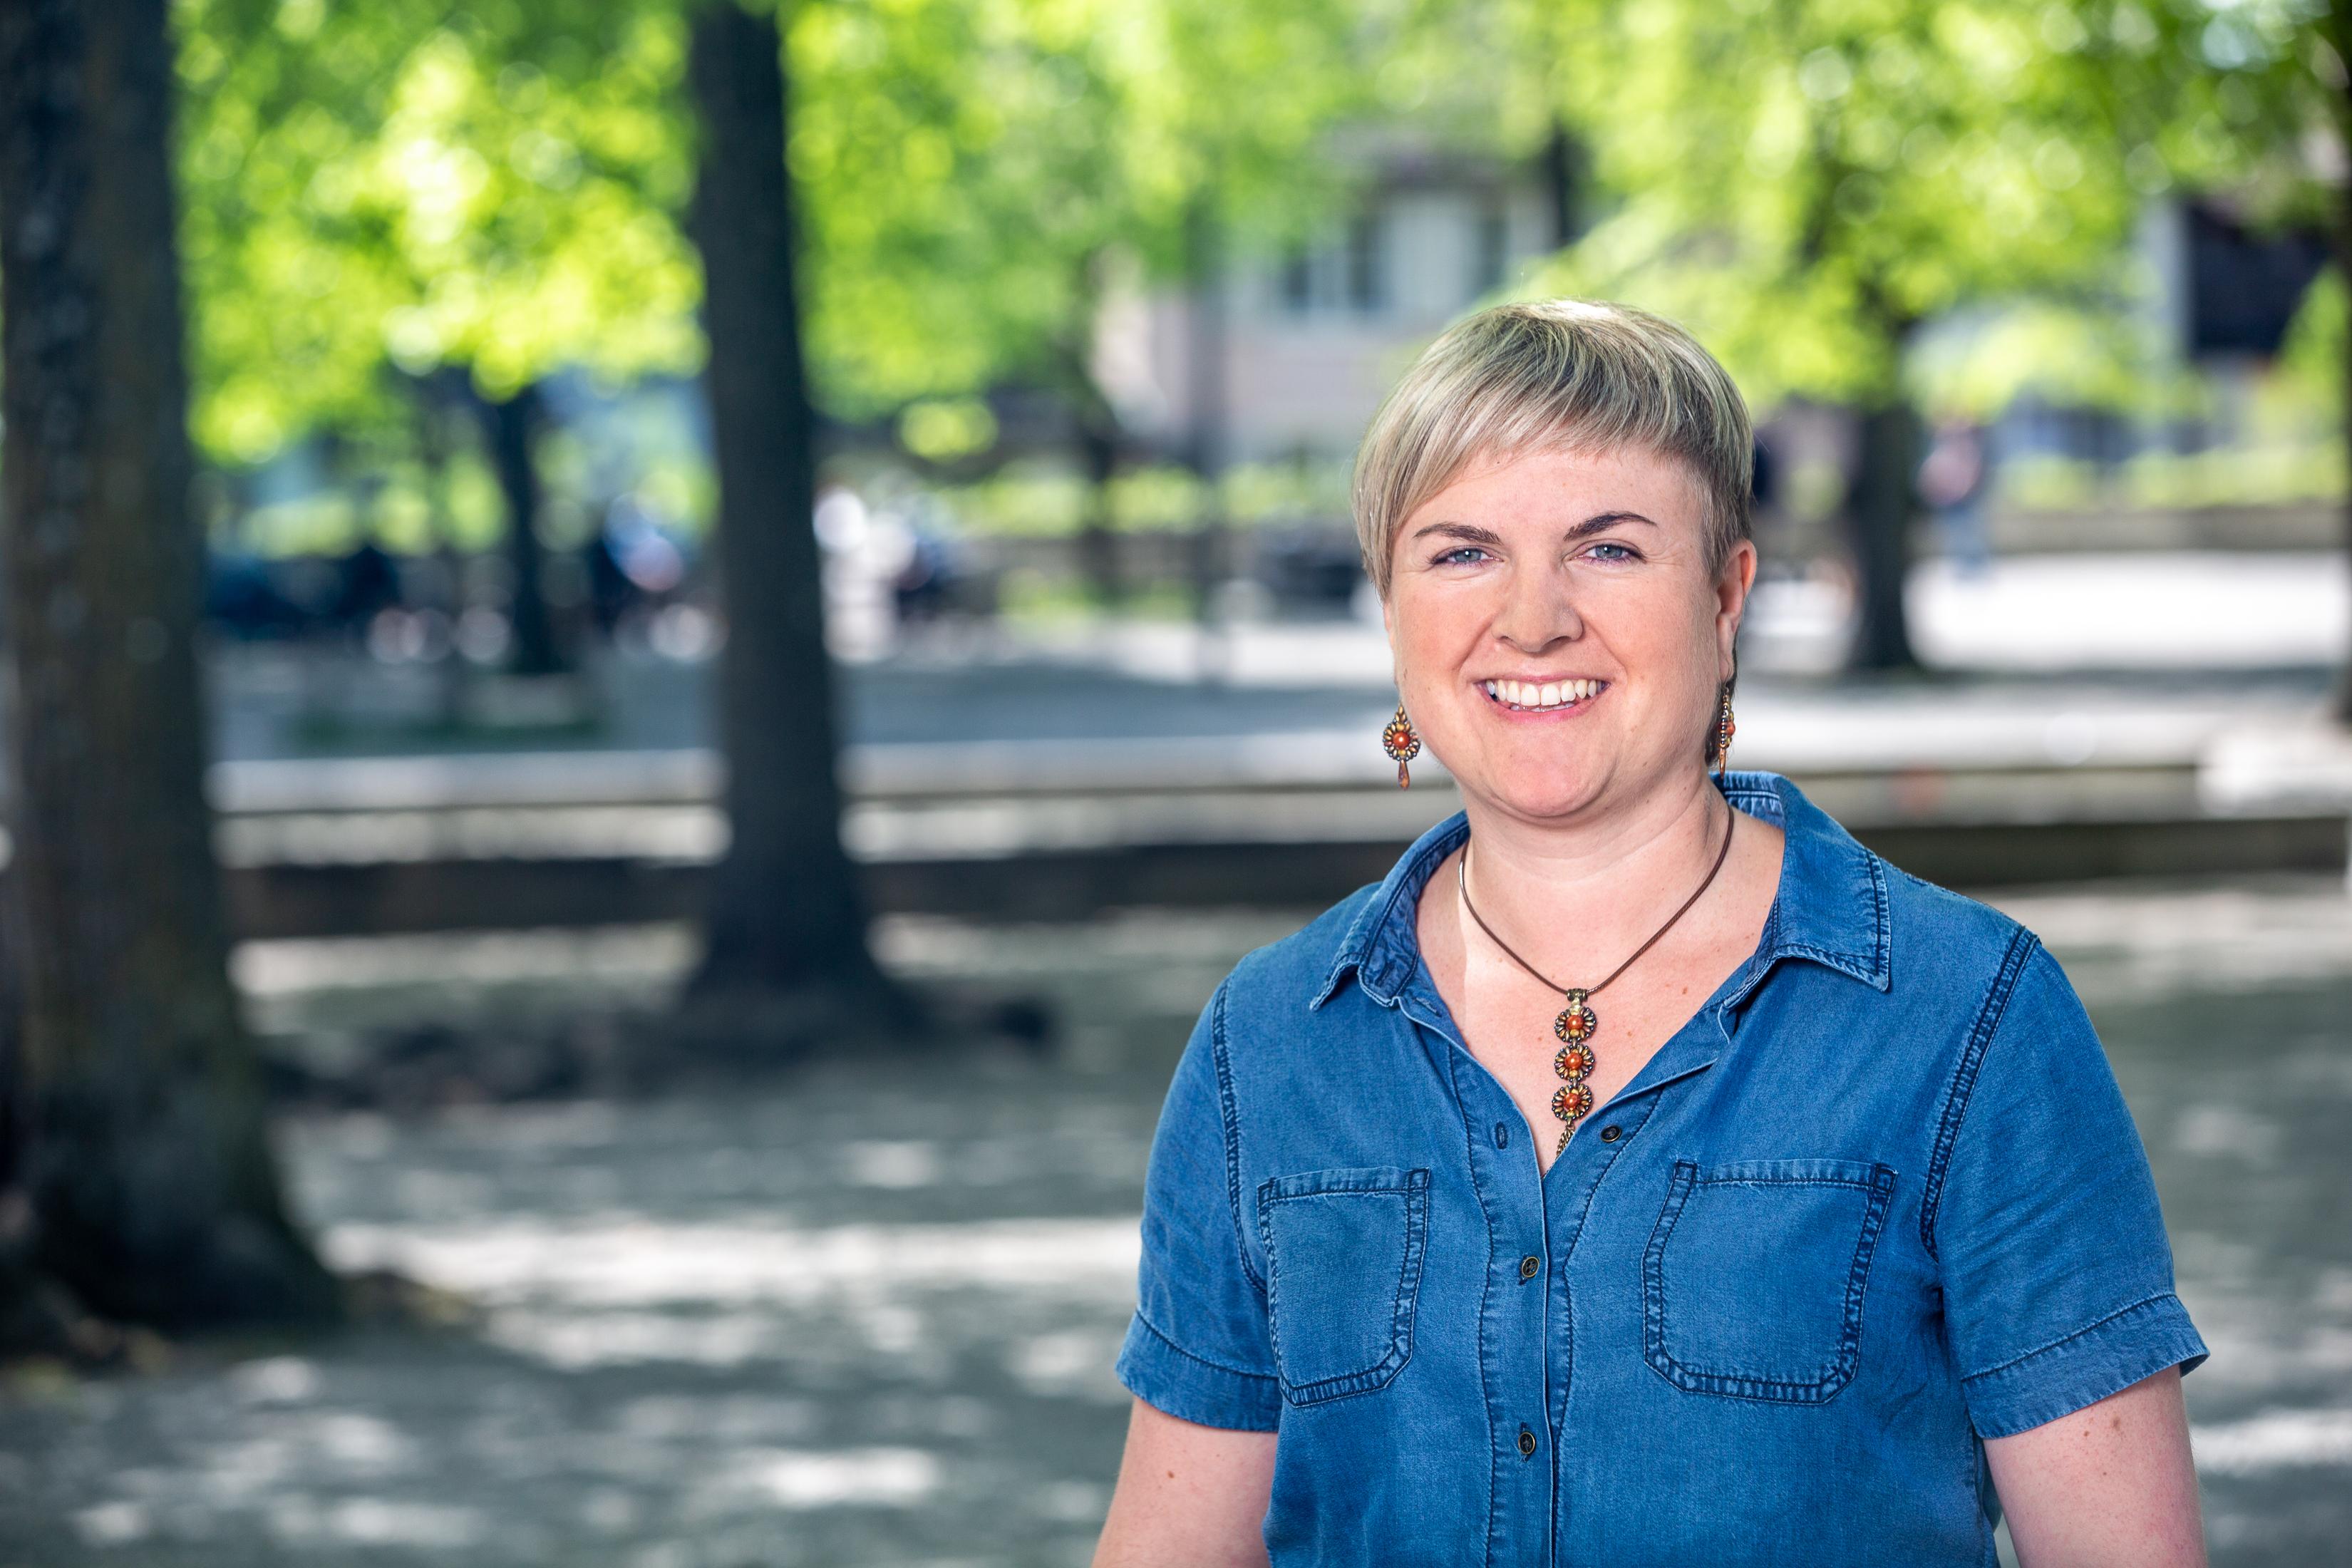 Marika Gapinska